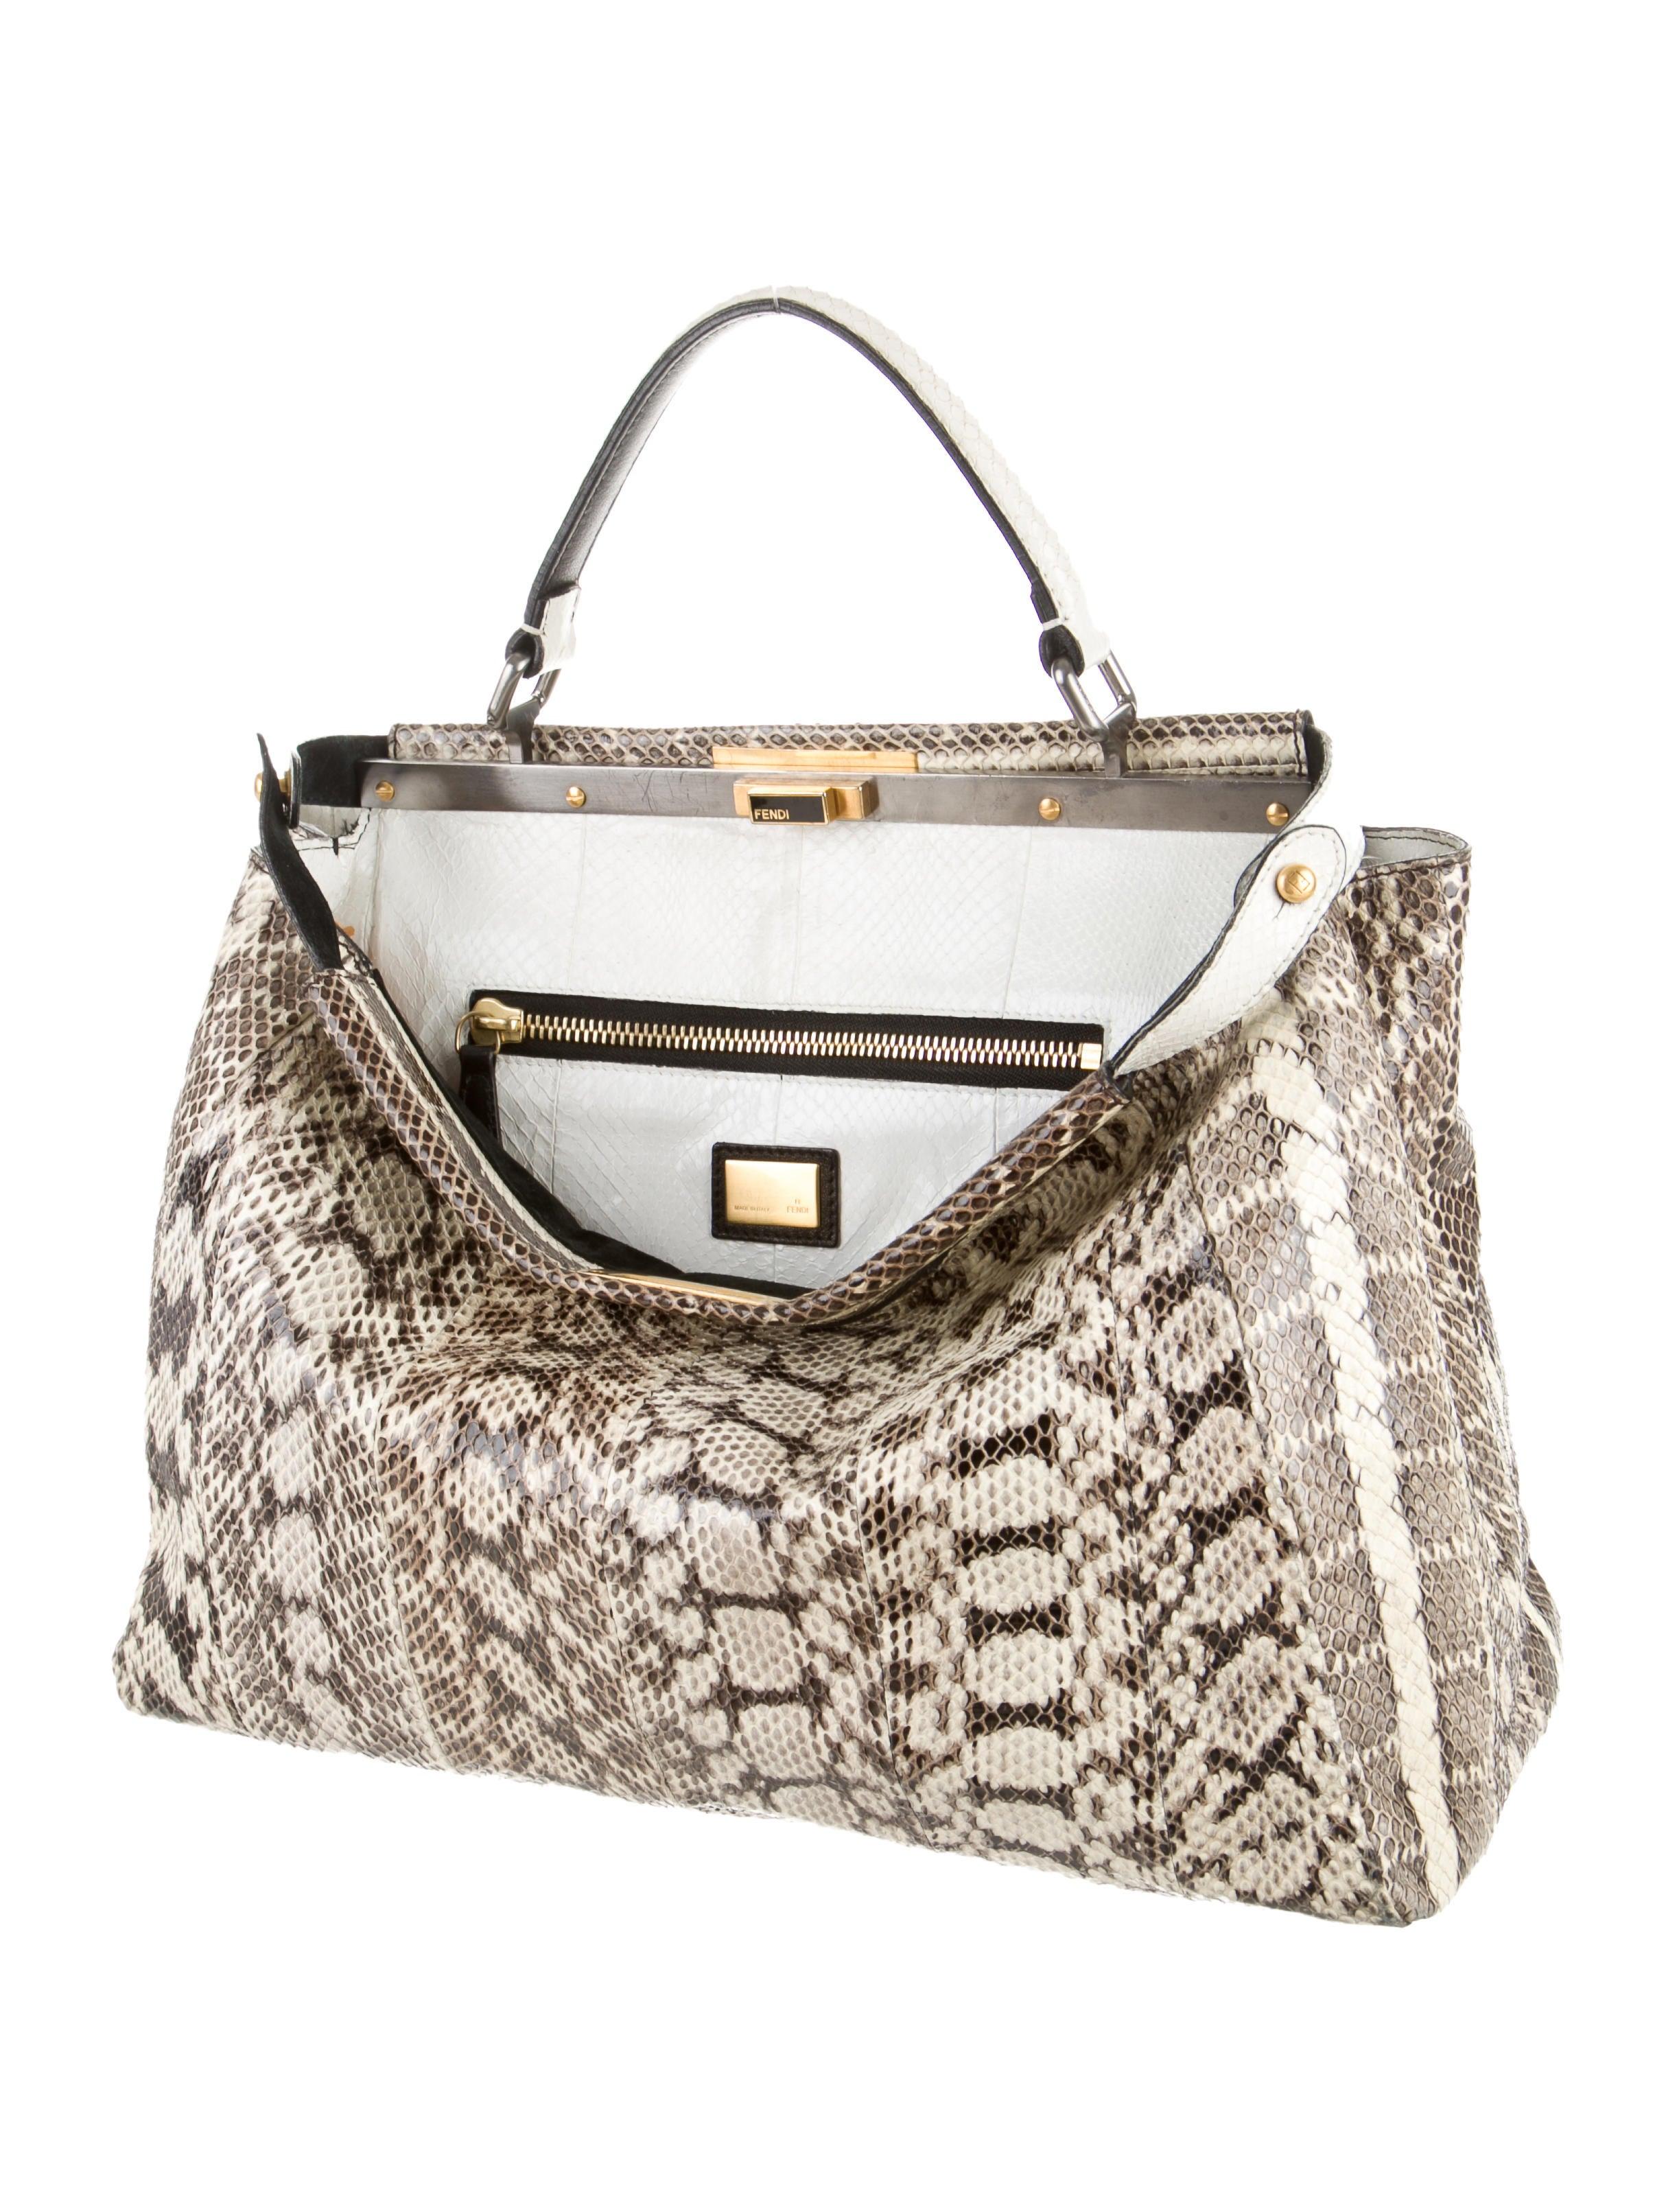 64674096e2 Fendi Large Elaphe Snakeskin Peekaboo Bag - Handbags - FEN39763 ...